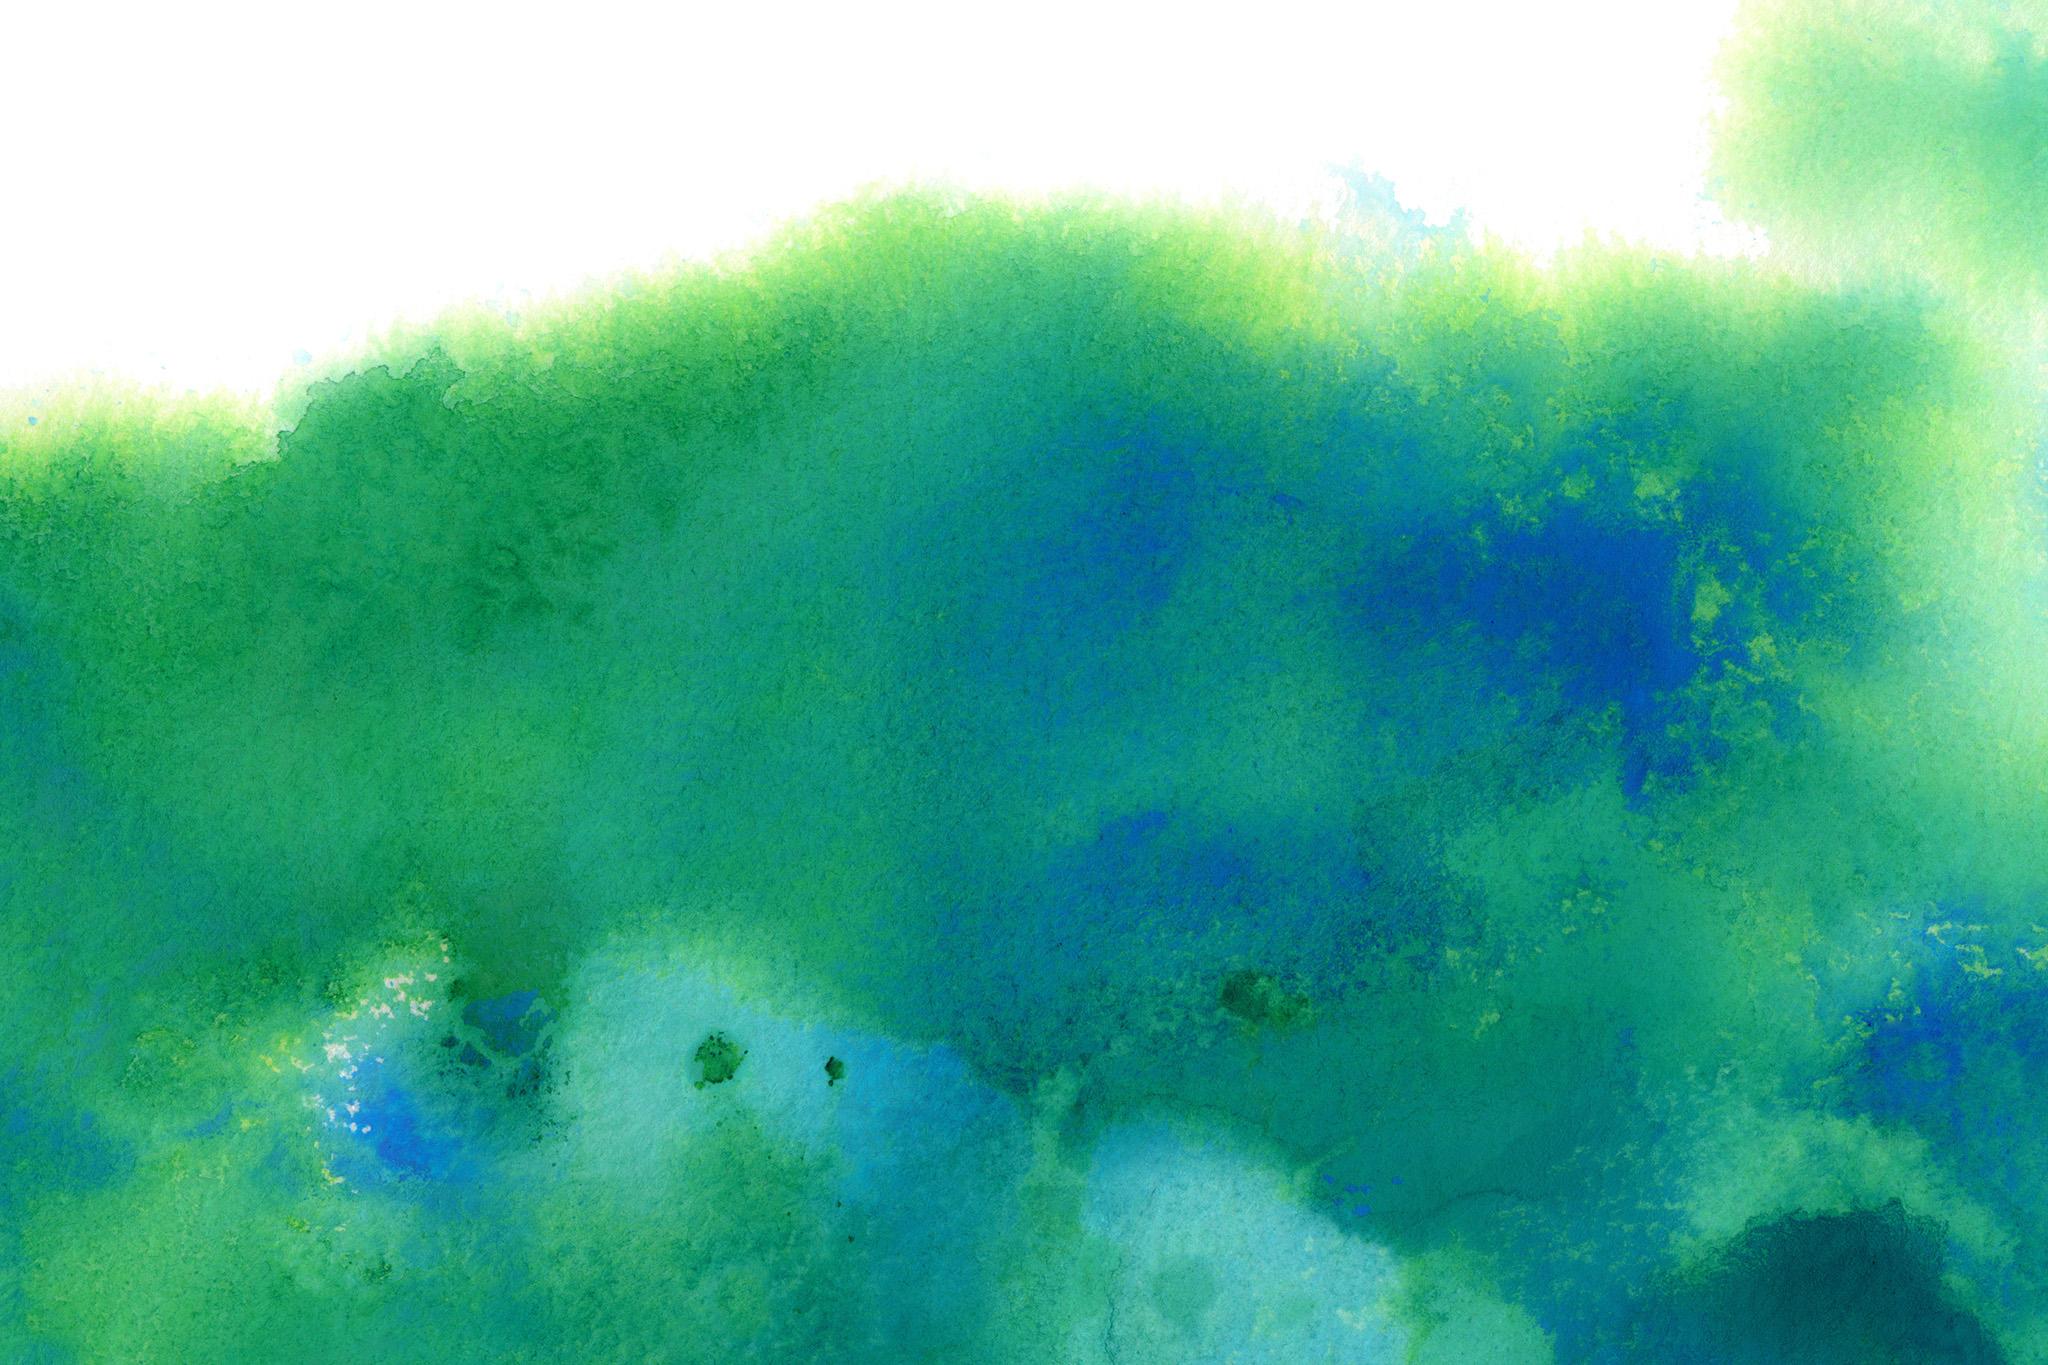 「緑と青の水彩ぼかし」